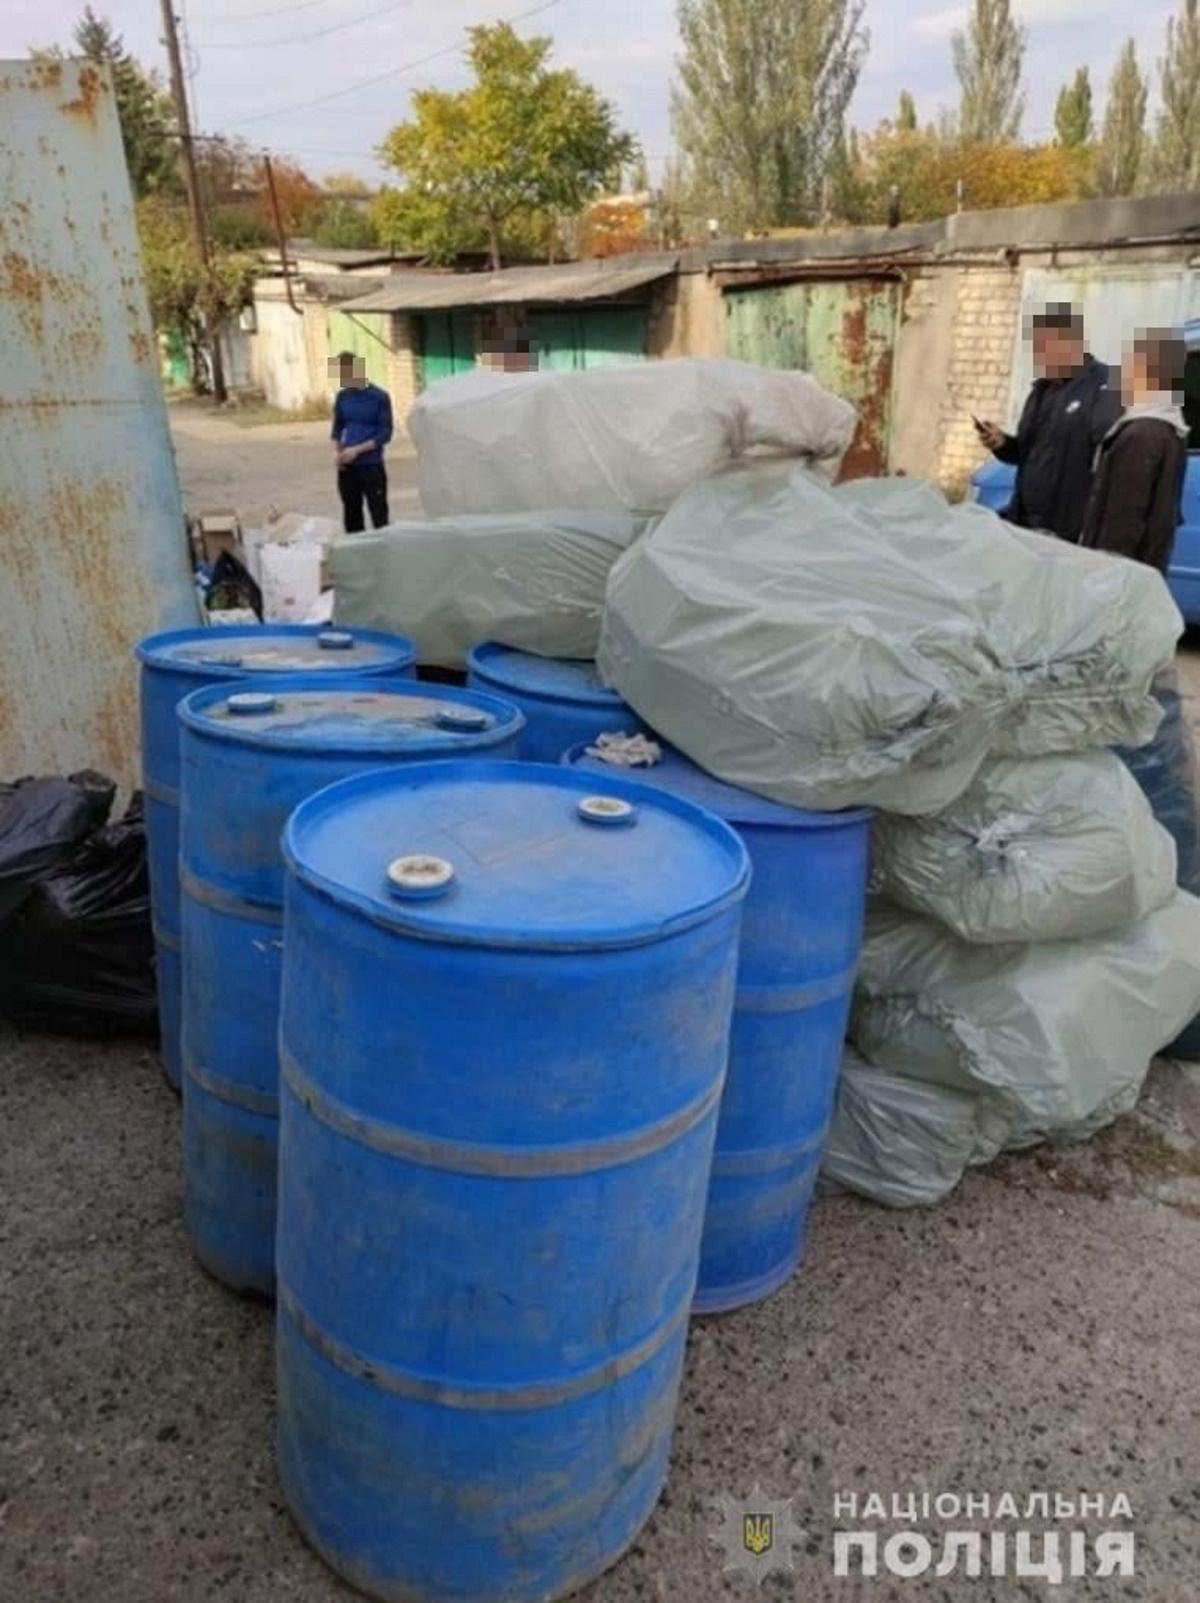 Полицейские конфисковали половину тонны спирта.